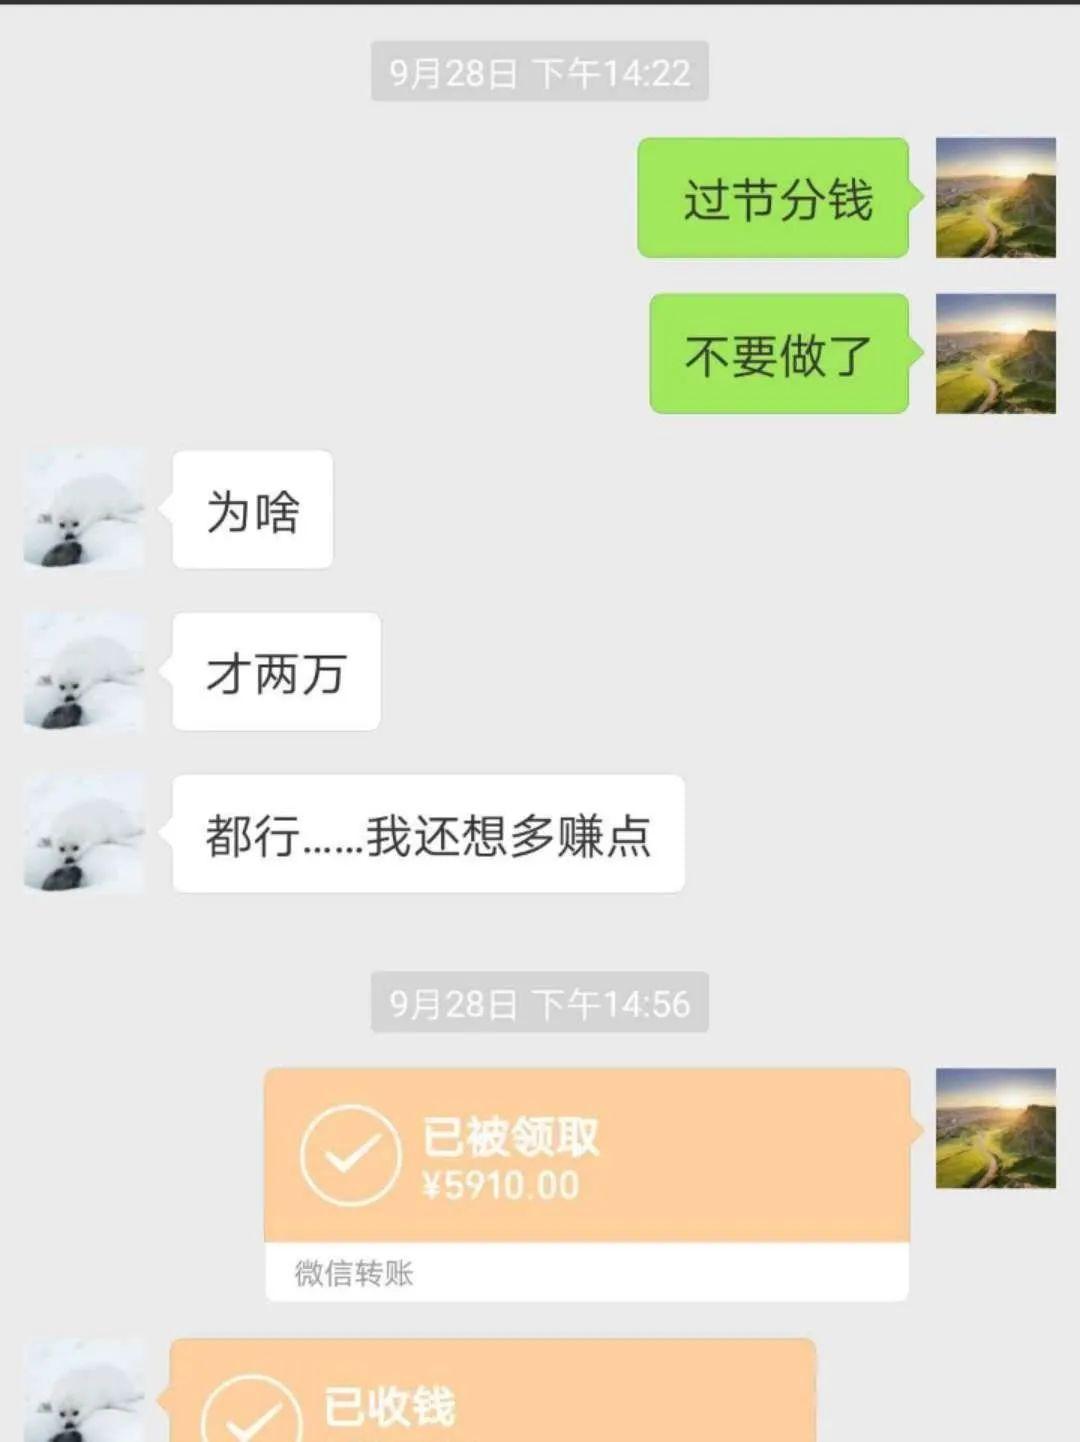 2020年8月22日:期货冠军丁伟锋日内波段体系实战训练营开课啦!